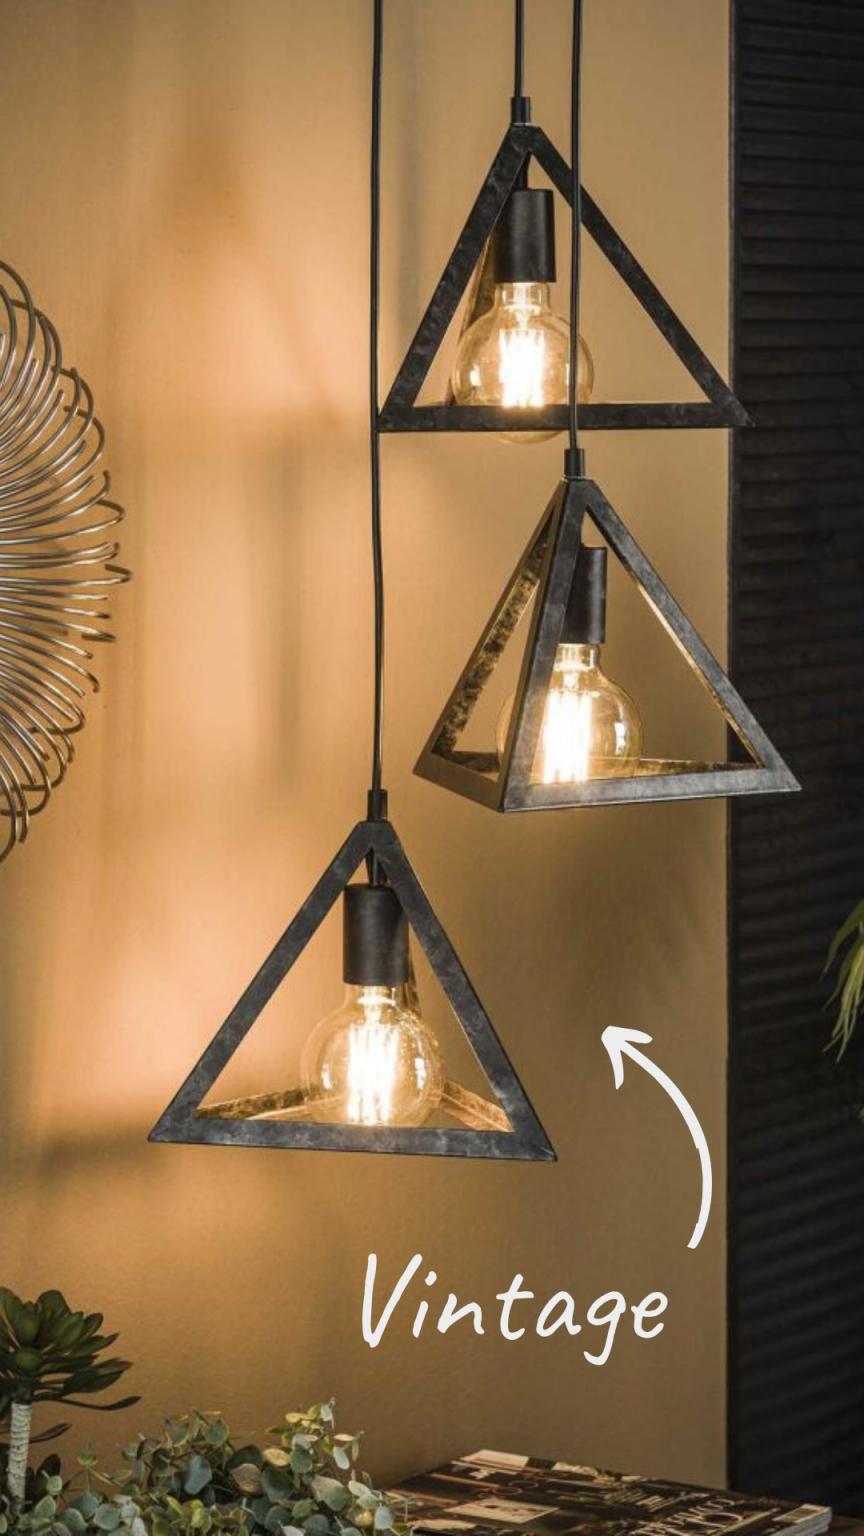 Vintage Lampen Und Retro Lampen  Beleuchtung Für Zuhause von Retro Wohnzimmer Lampe Bild